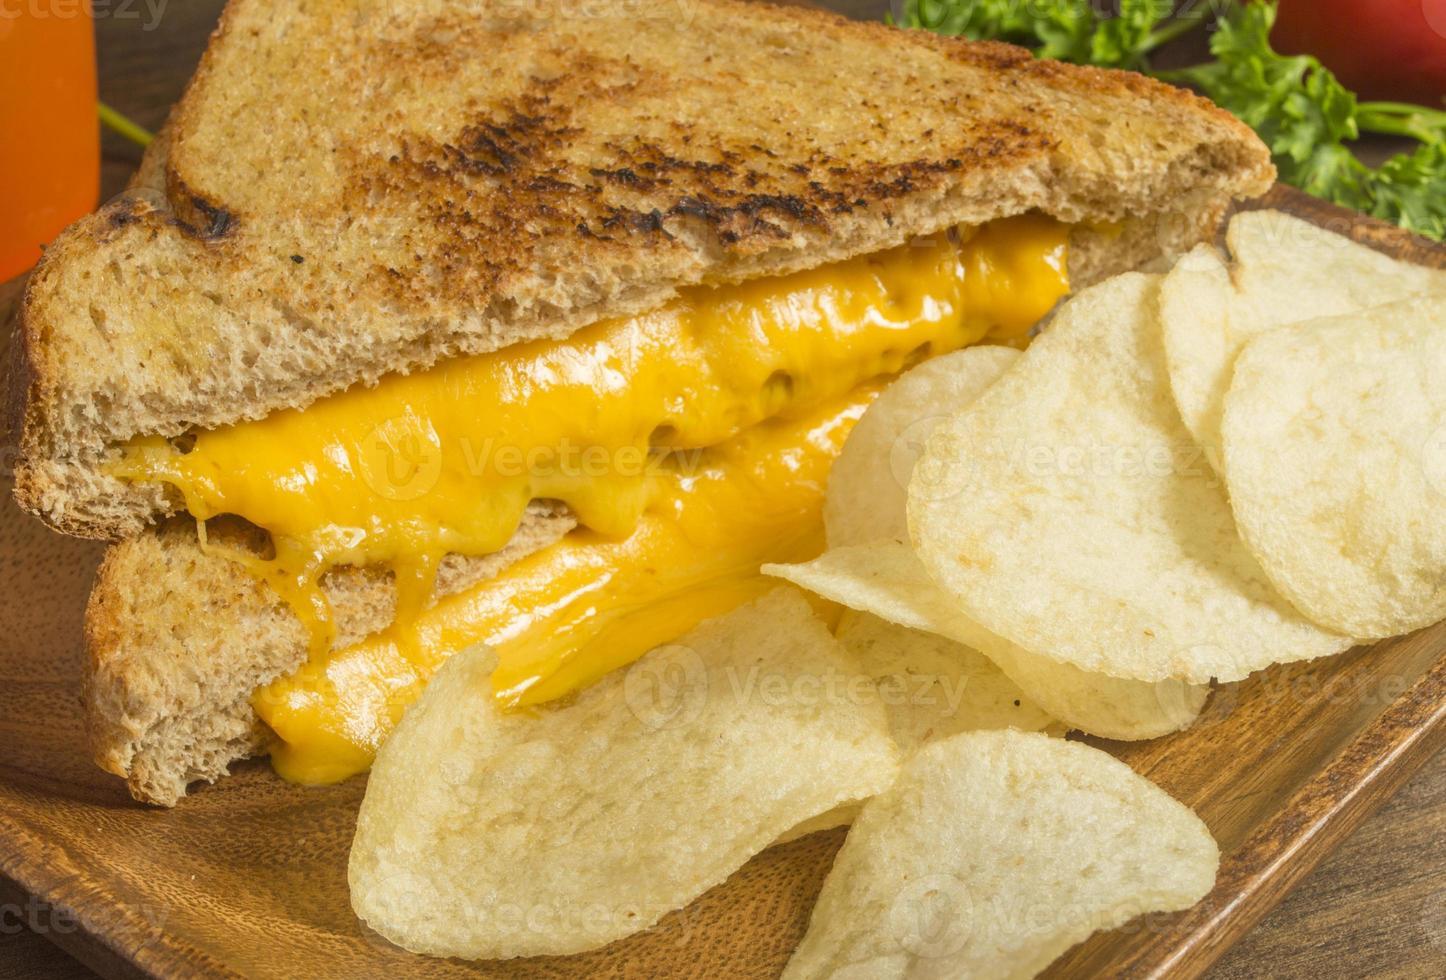 sandwich au fromage grillé photo